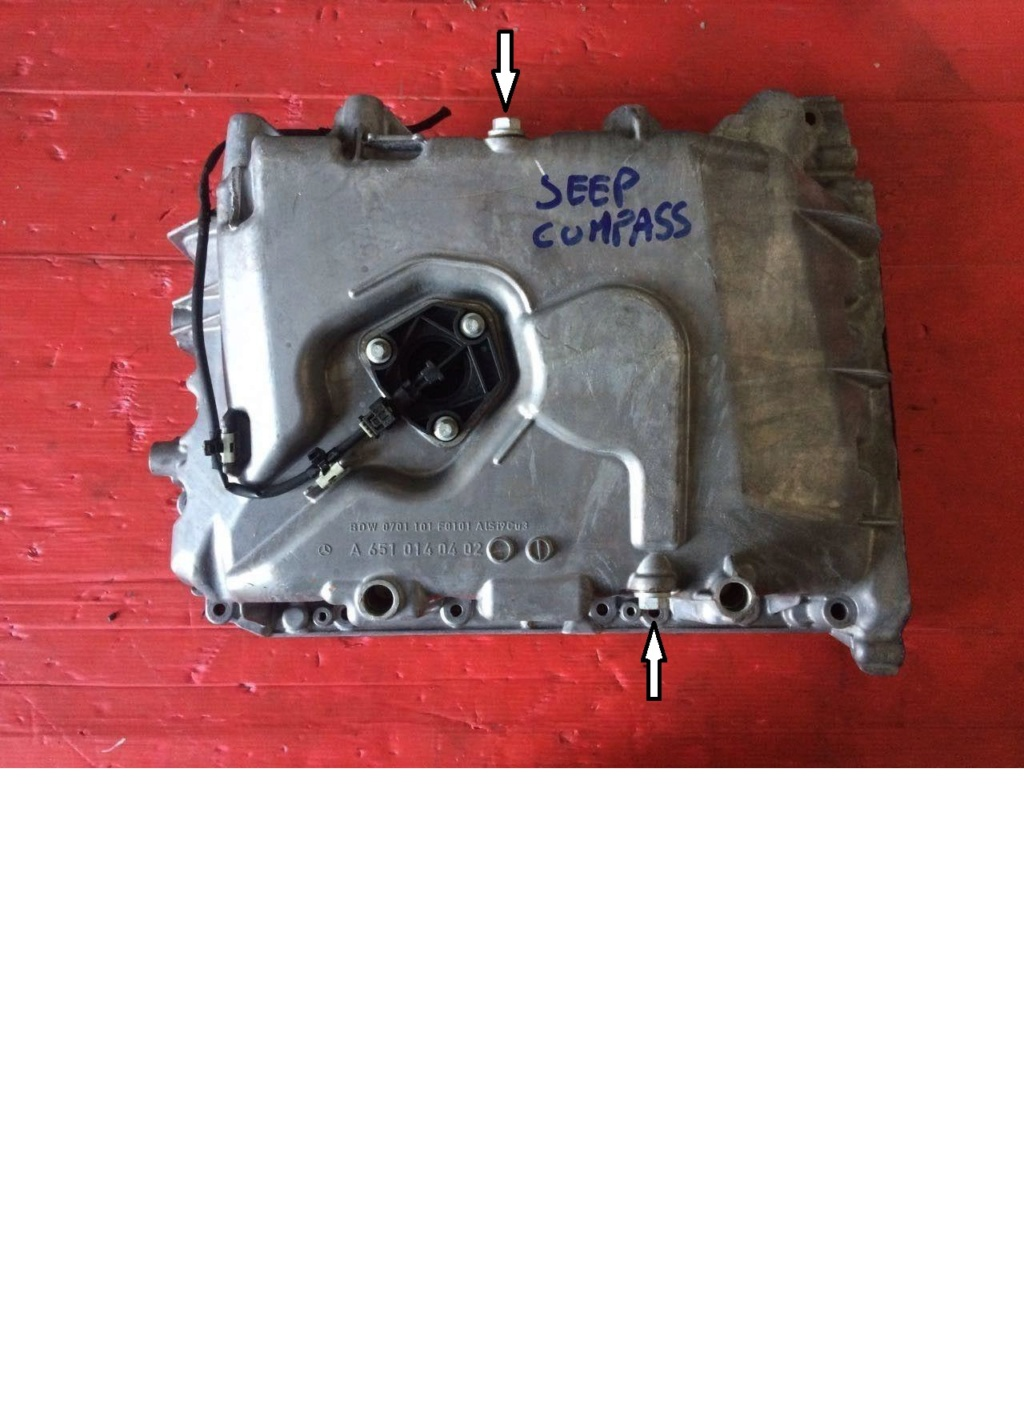 Jeep Copass 2.2 CRD 163 cv  Procedura sostituzione filtro gasolio Coppao14